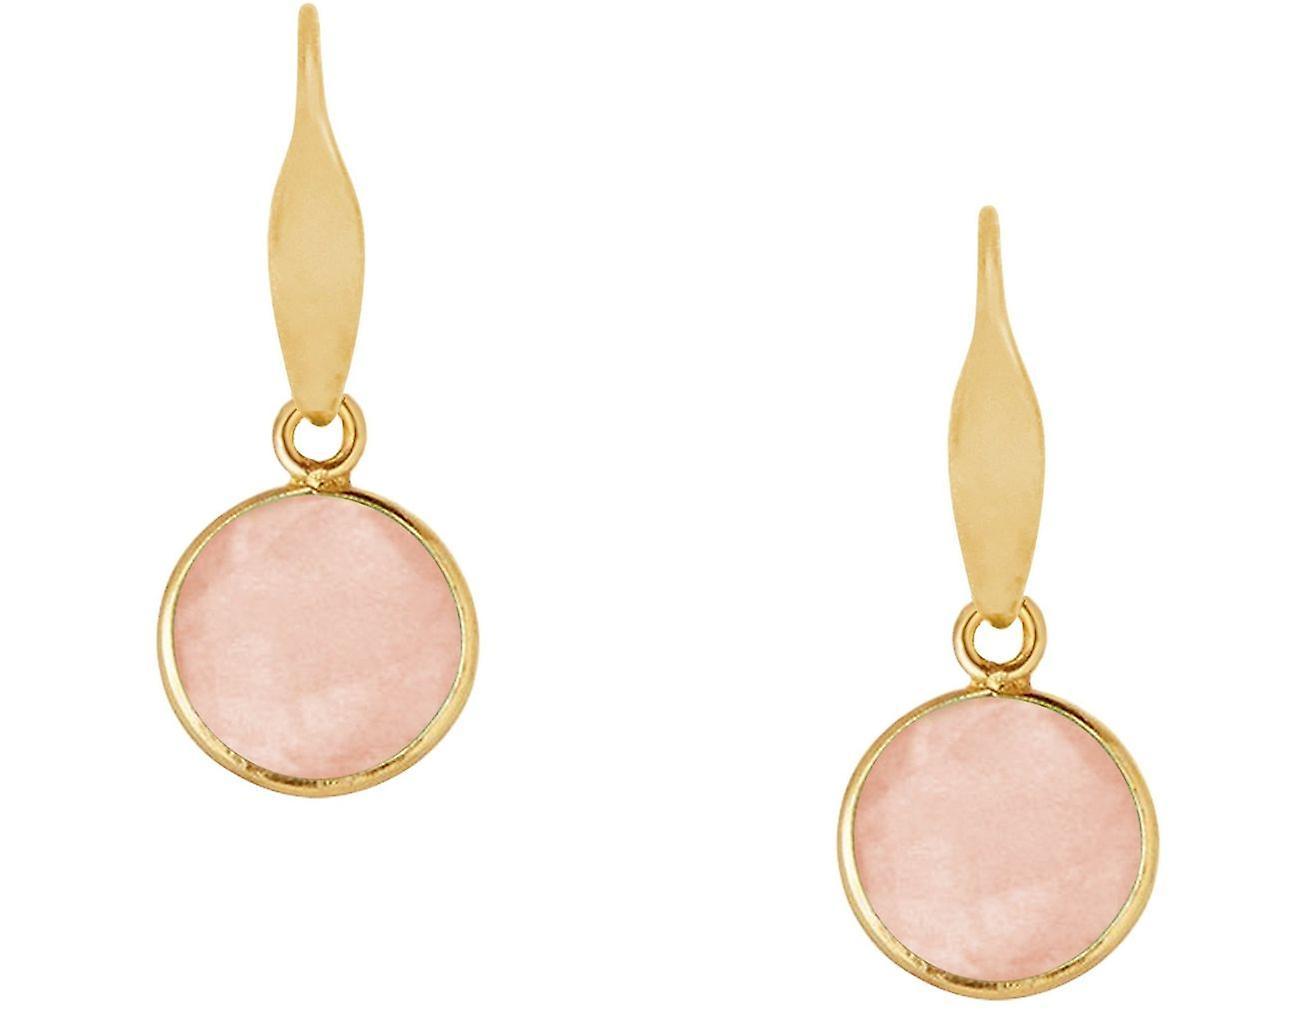 Gemshine Ohrringe Rosenquarz Edelstein Tropfen 925 Silber, vergoldet oder rose